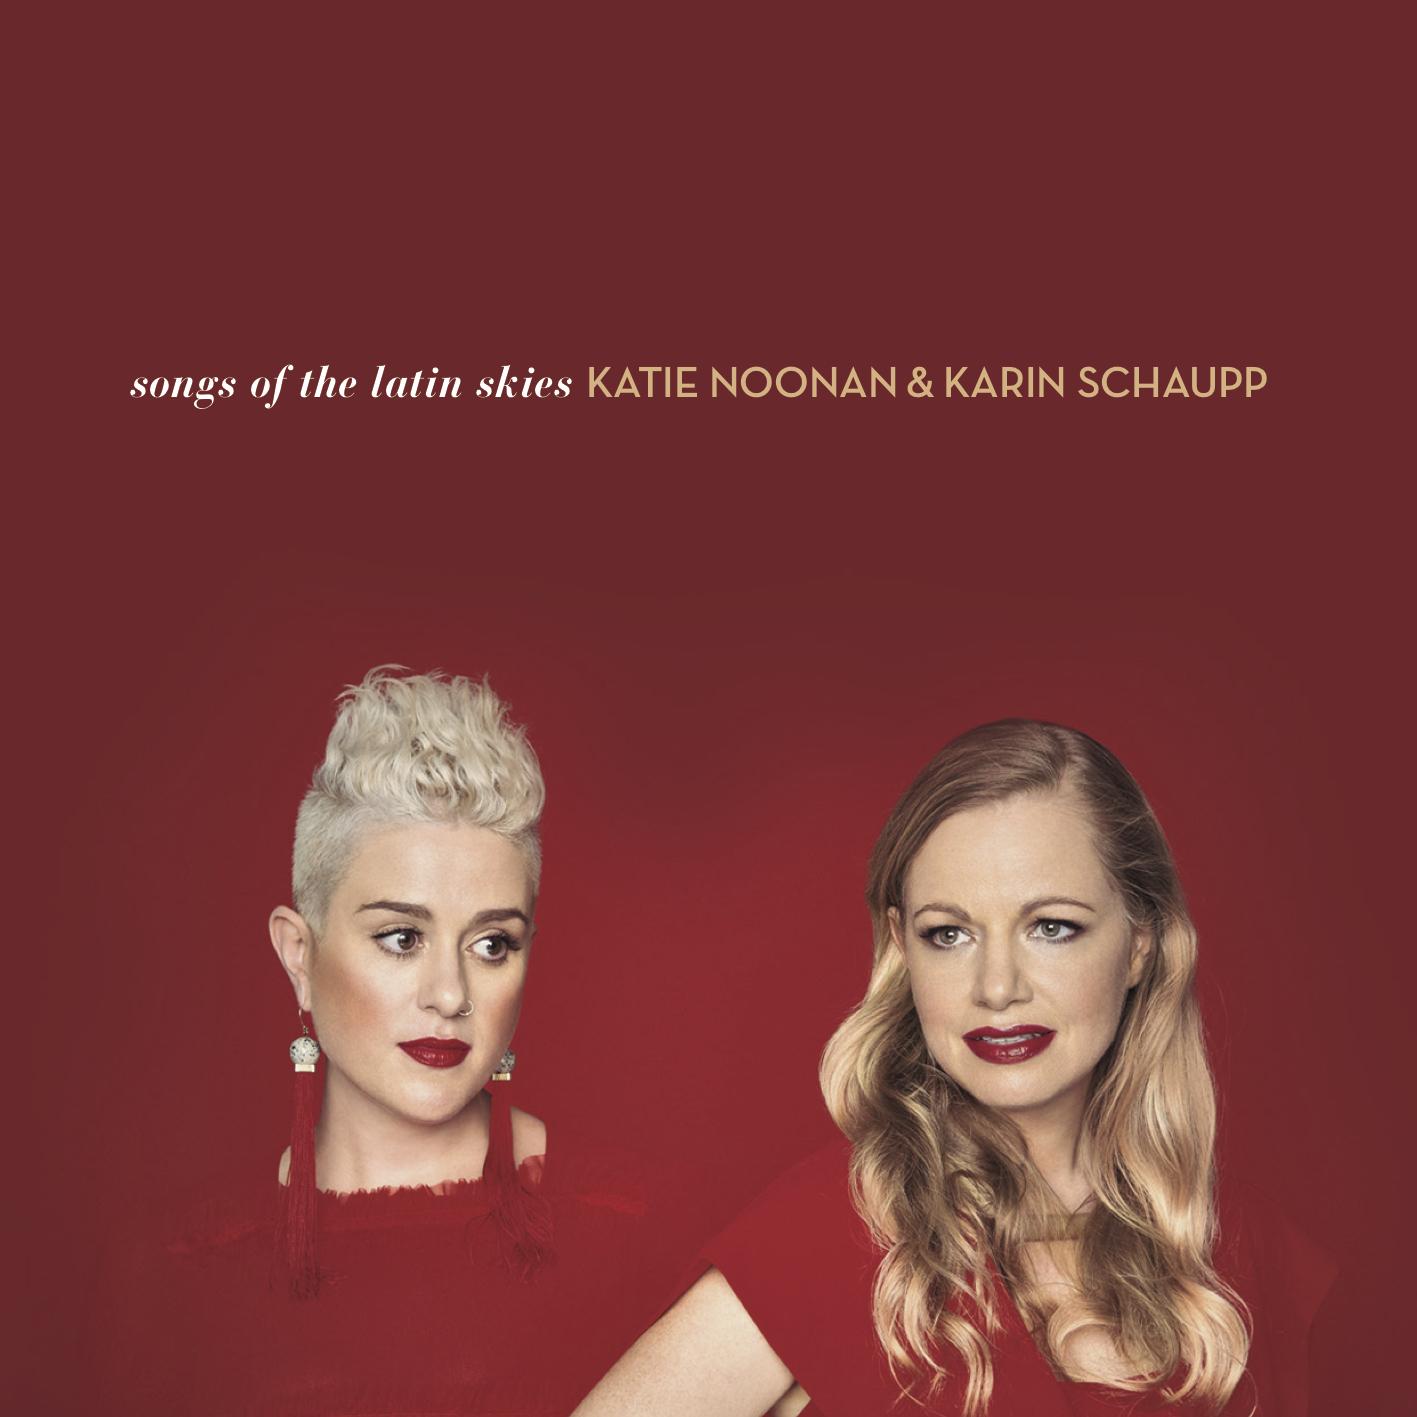 Karin Schuapp and Katie Noonan.jpg